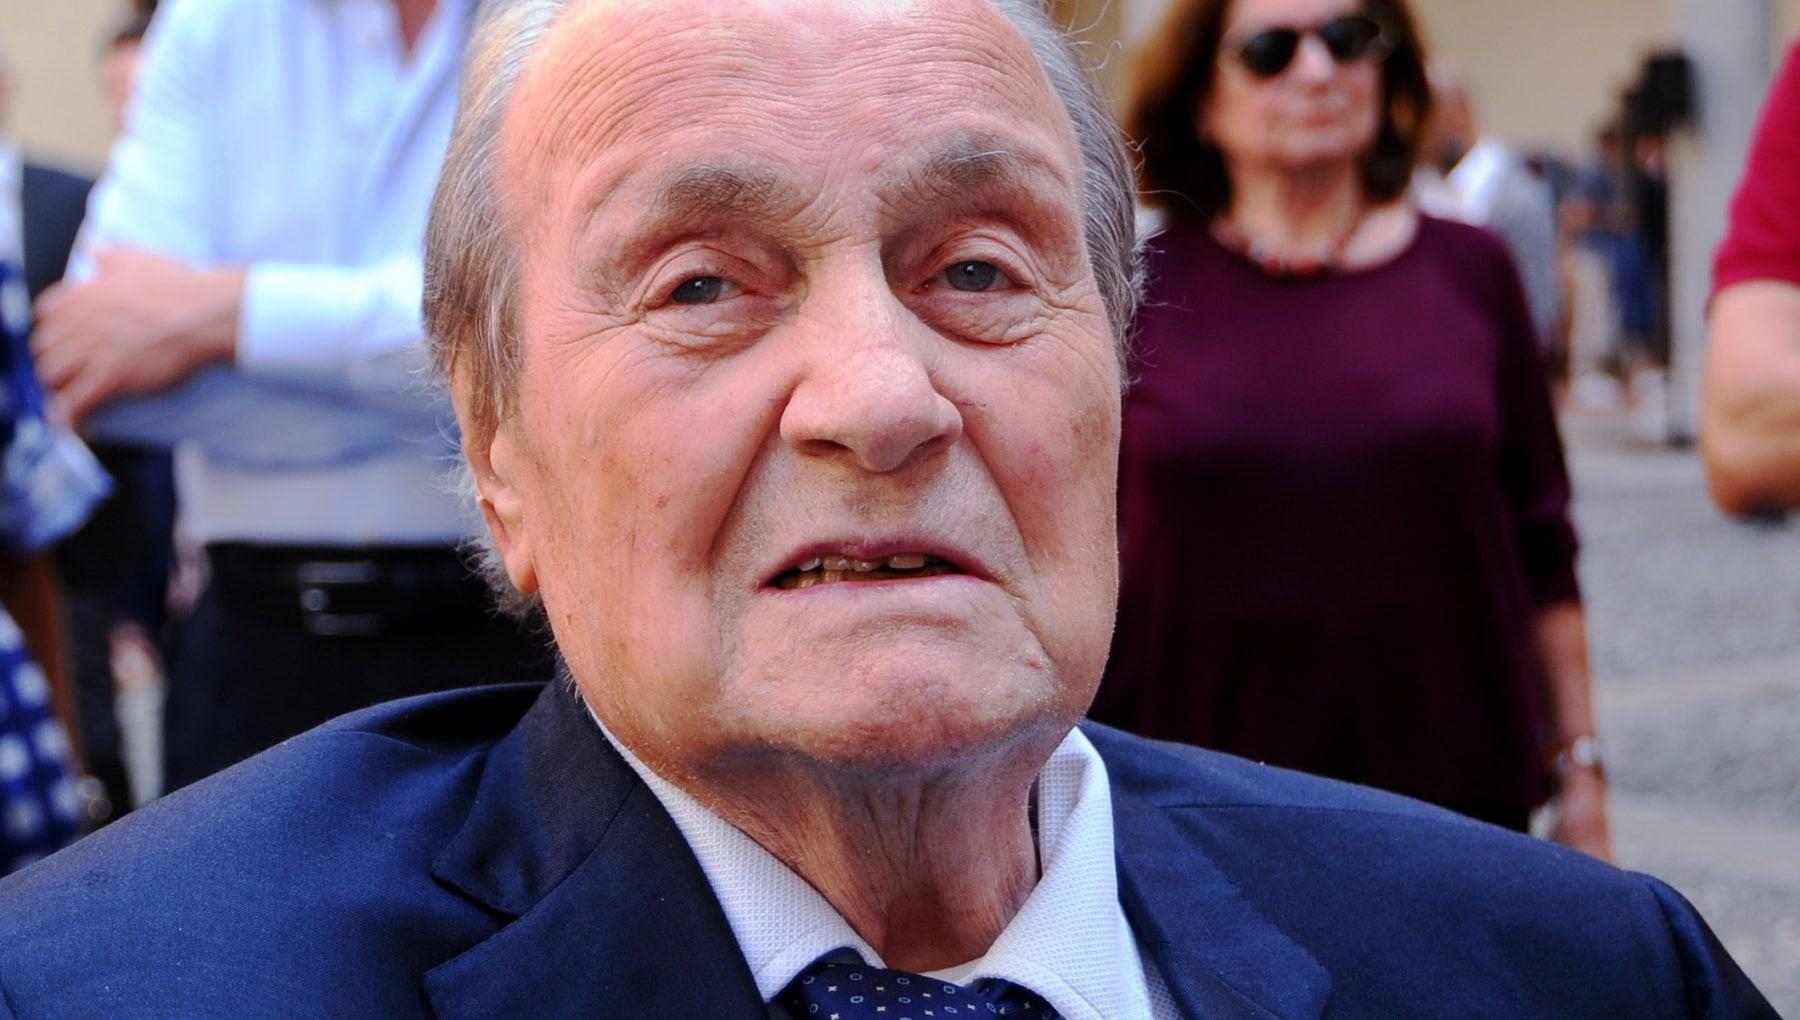 Addio a Ernesto Gismondi fondatore di Artemide